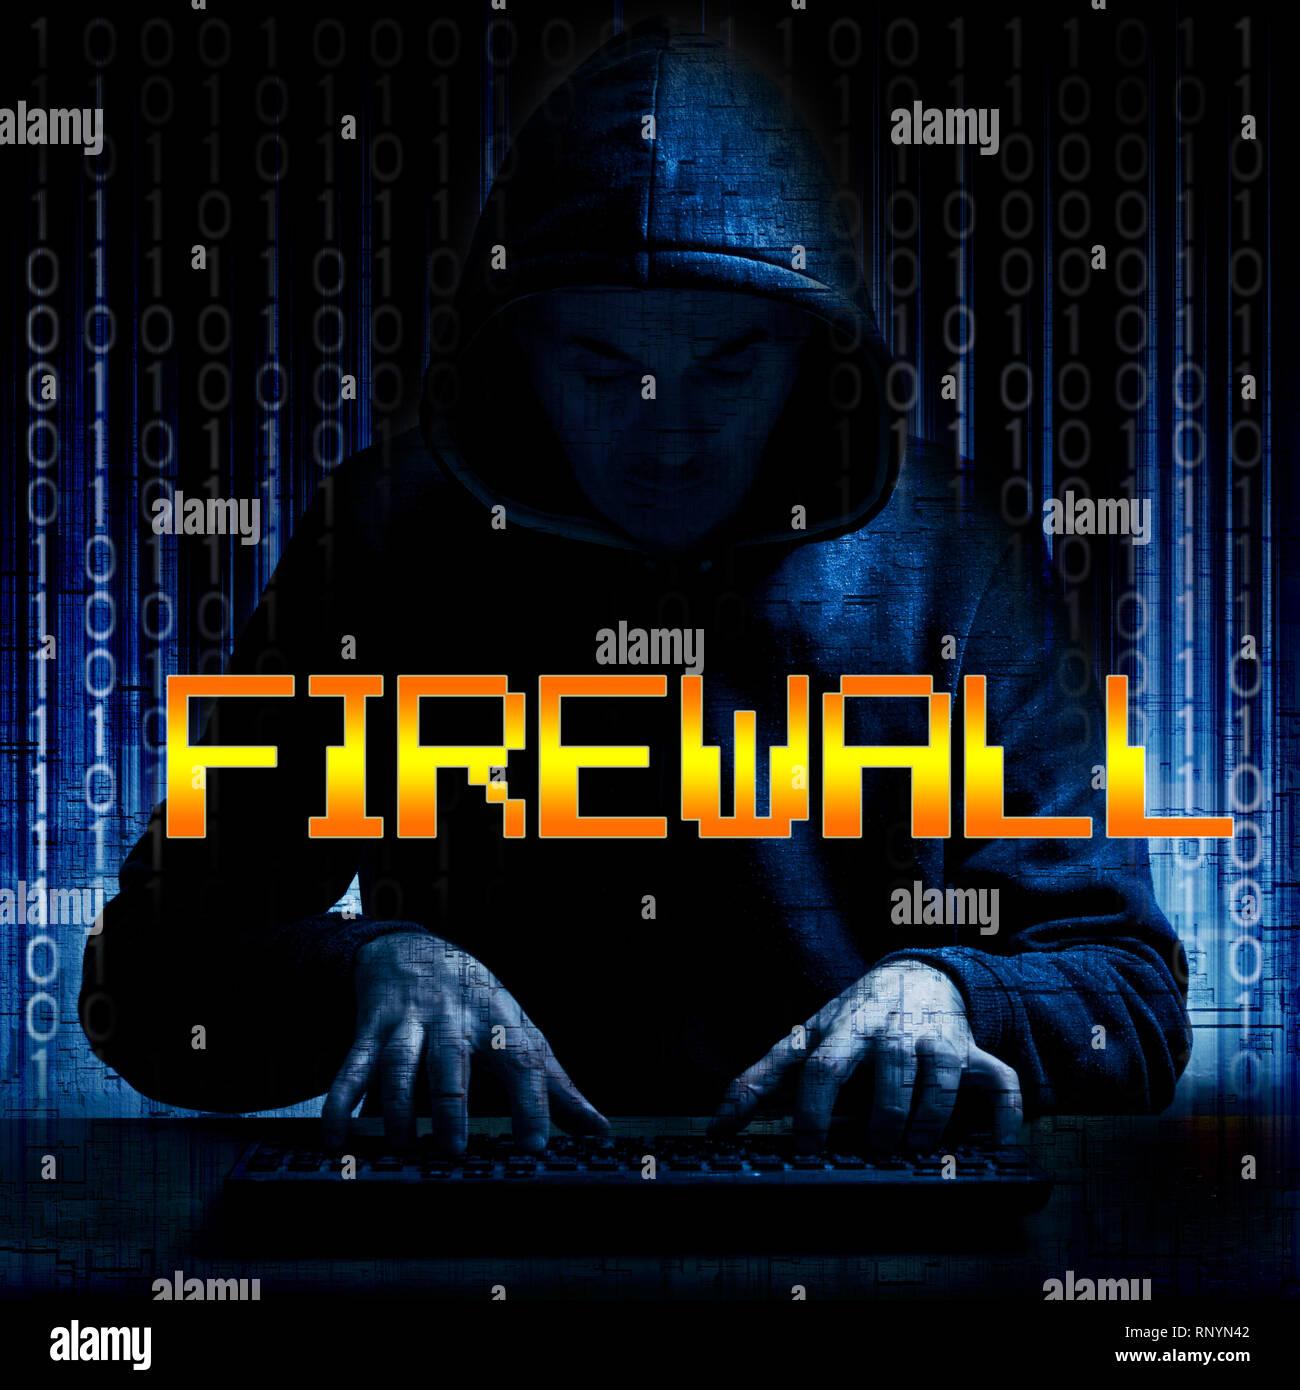 Concept pour un hacker ou criminel d'essayer de briser un pare-feu logiciel Photo Stock